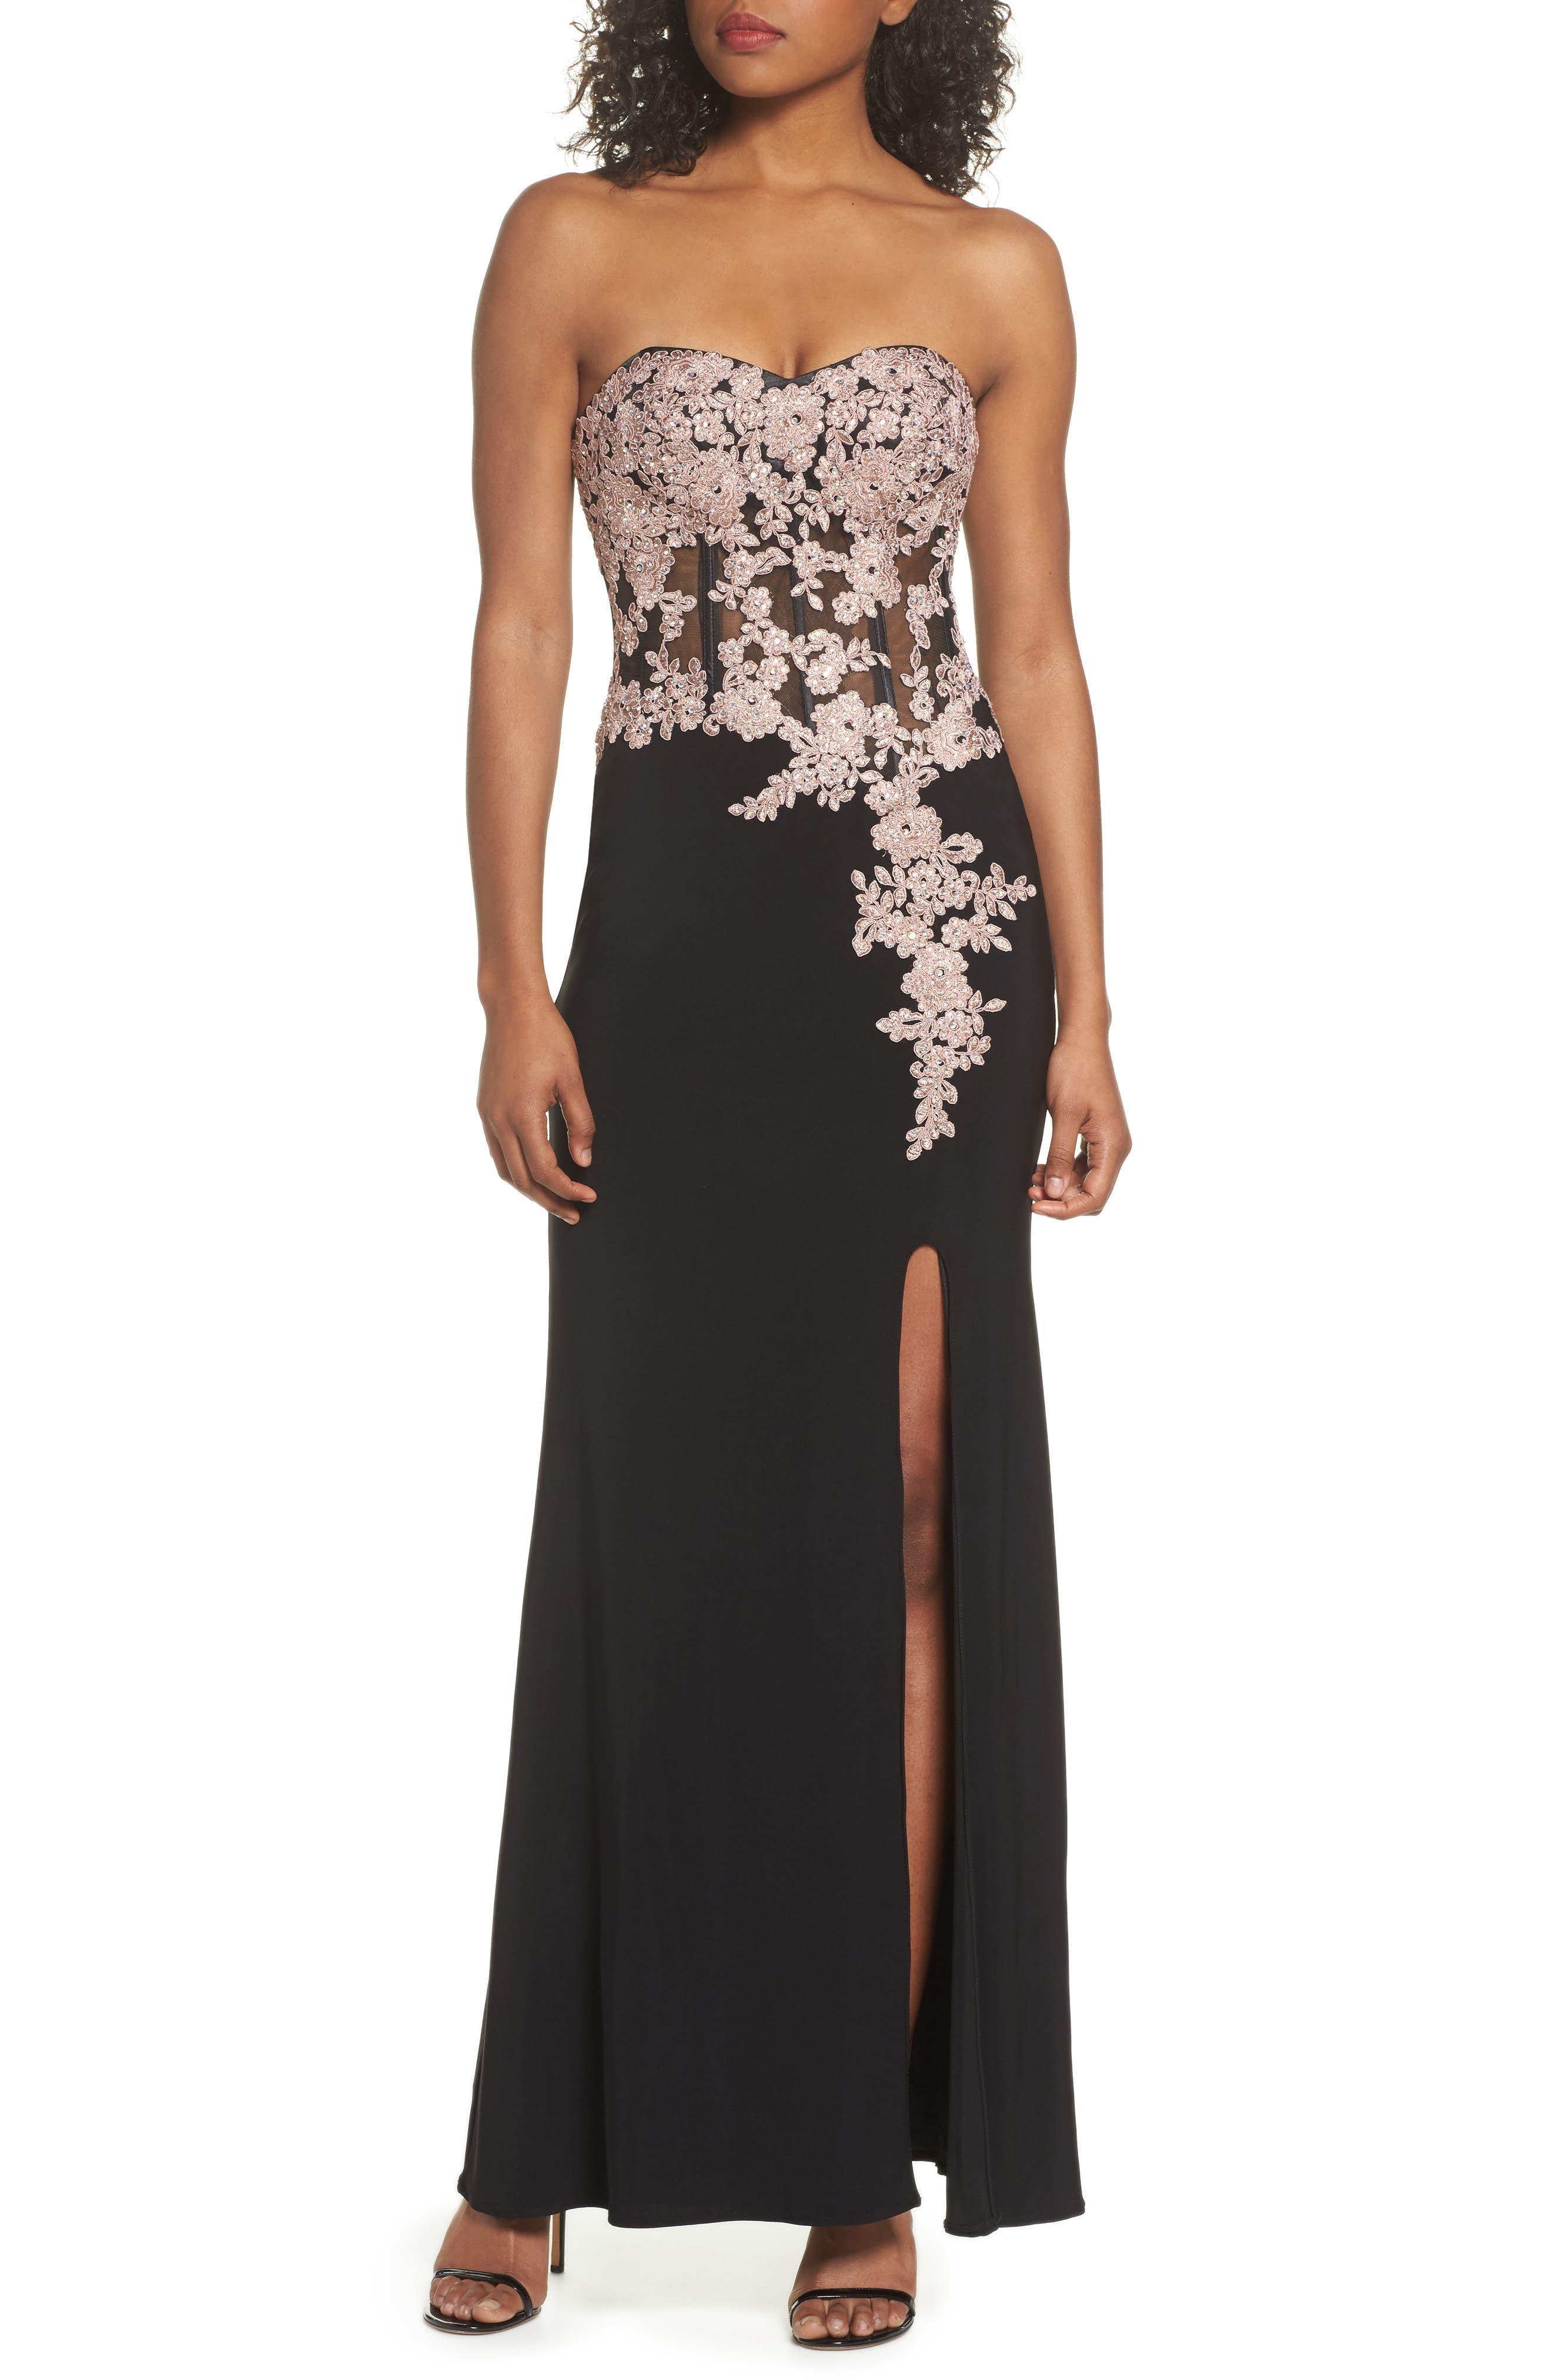 BLONDIE NITES Appliqué Strapless Bustier Gown, Main, color, 015